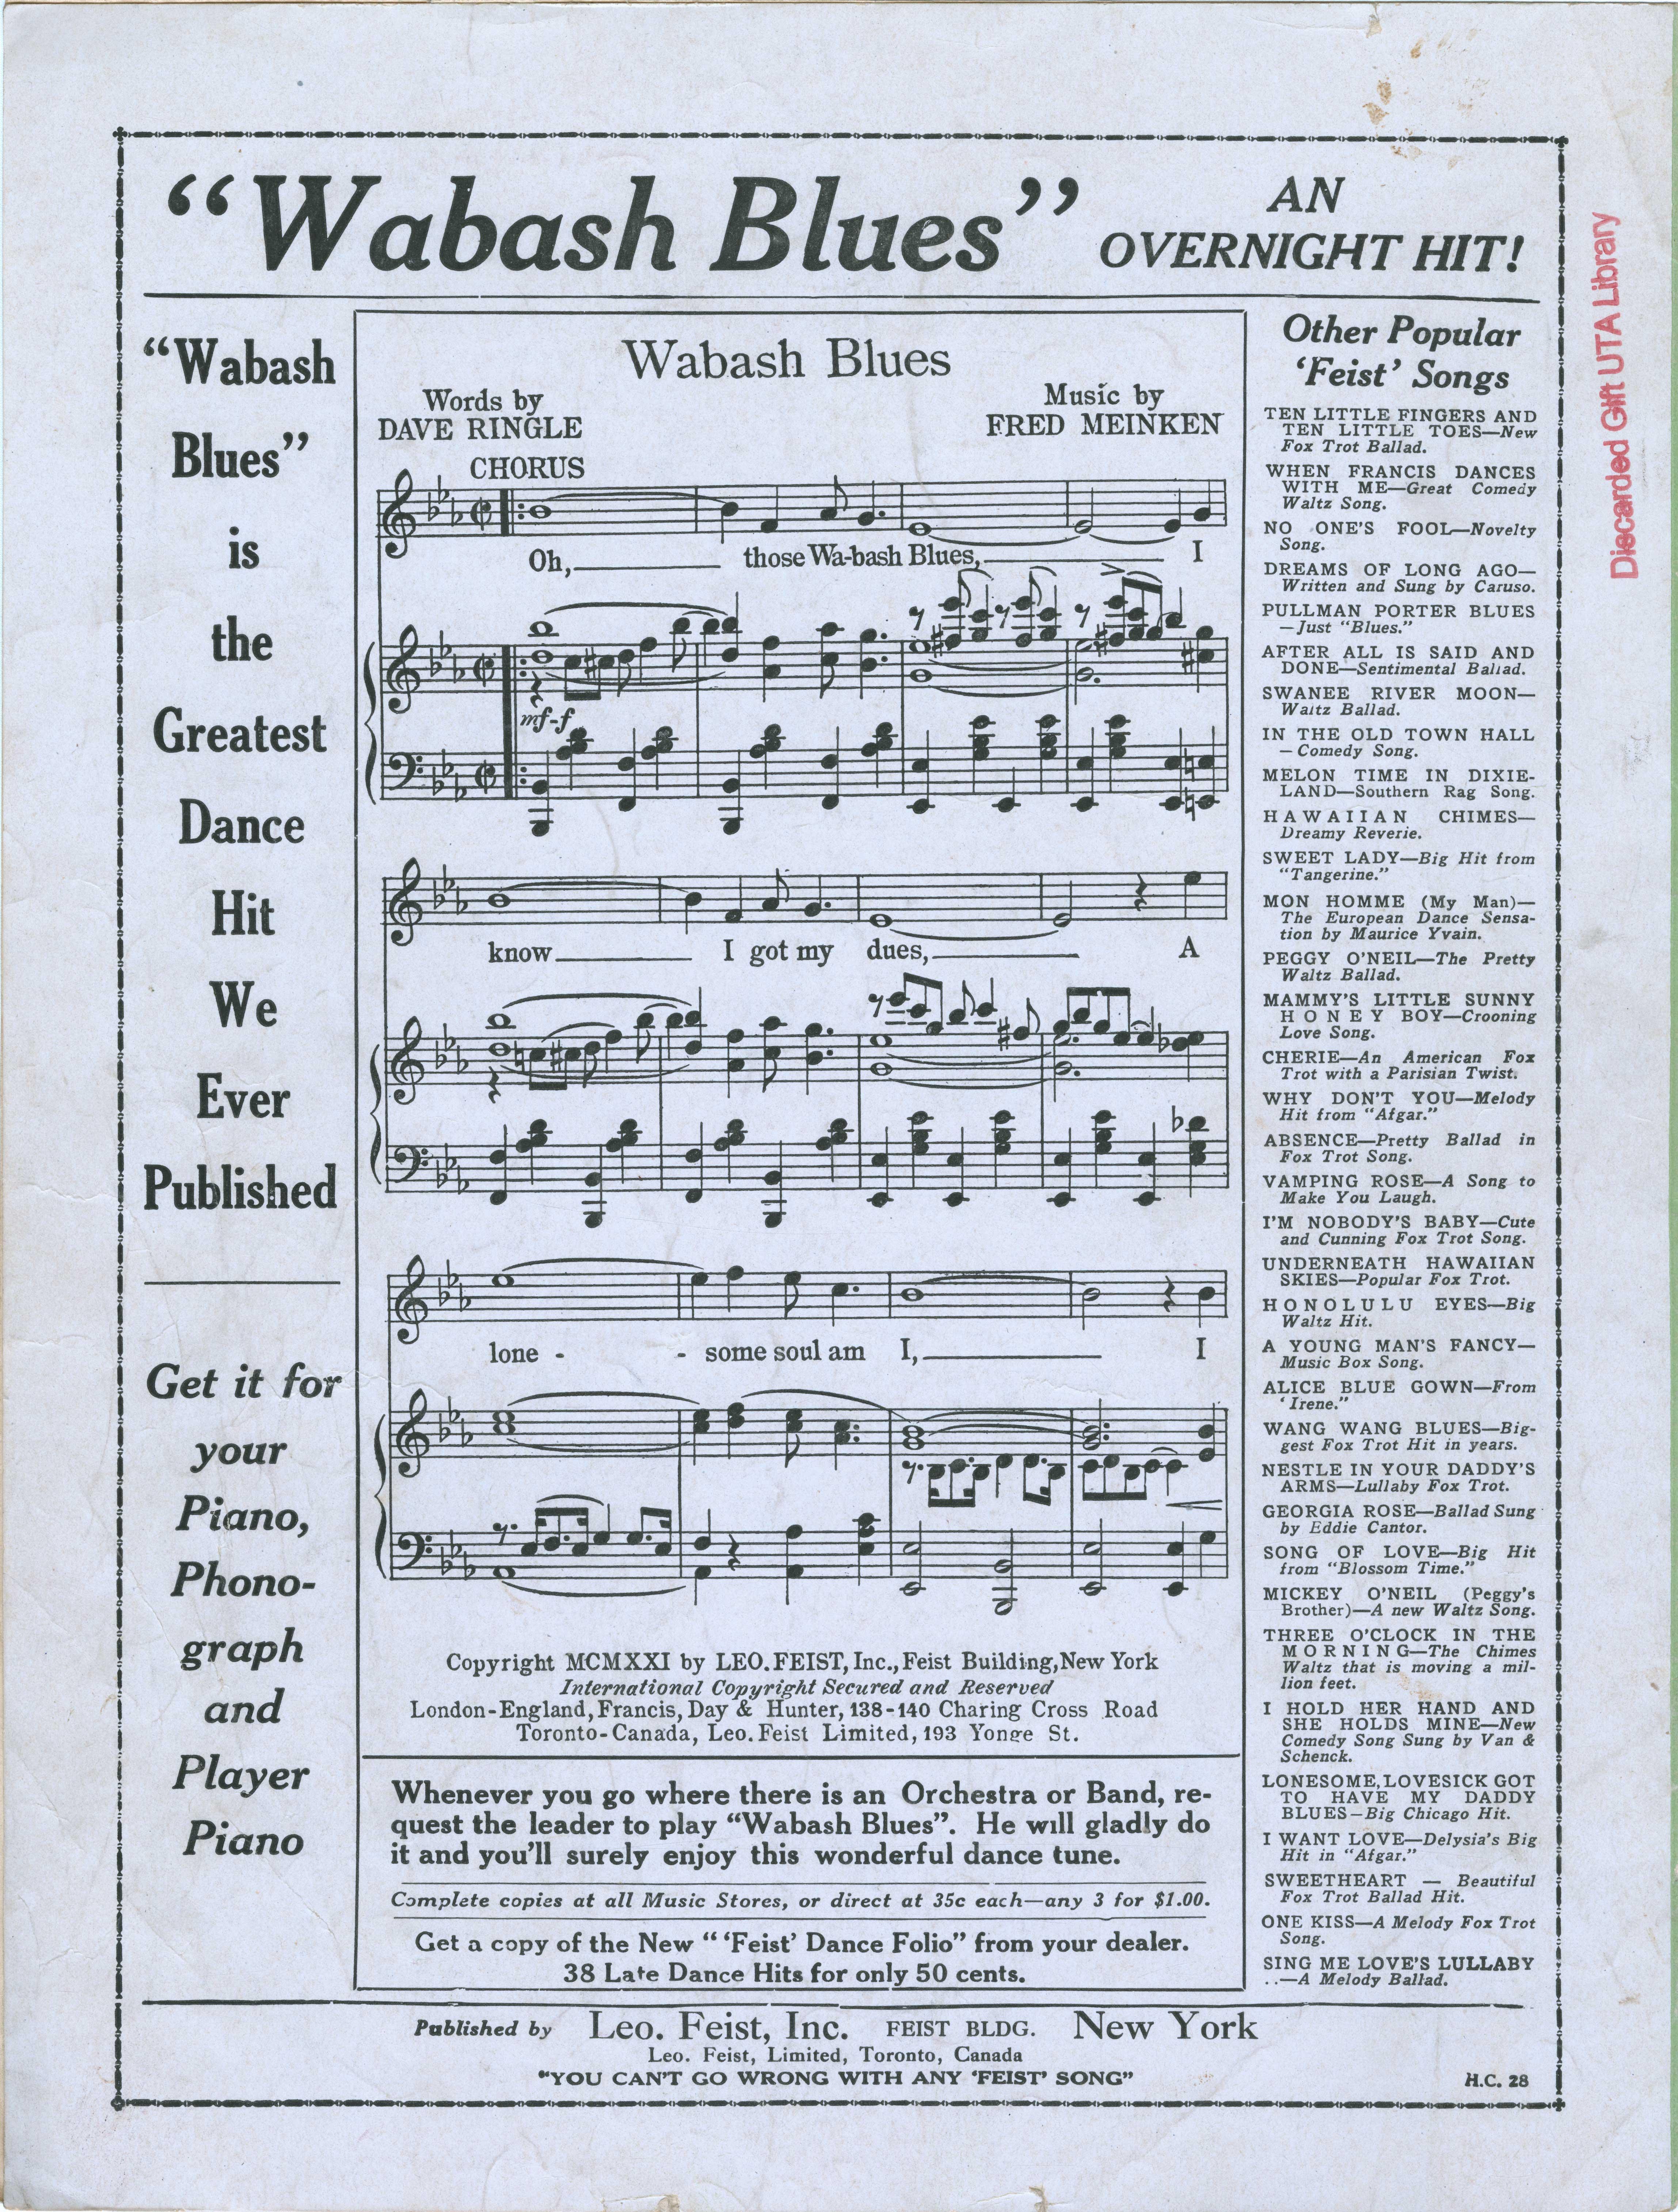 [CDATA[Sheet Music]]